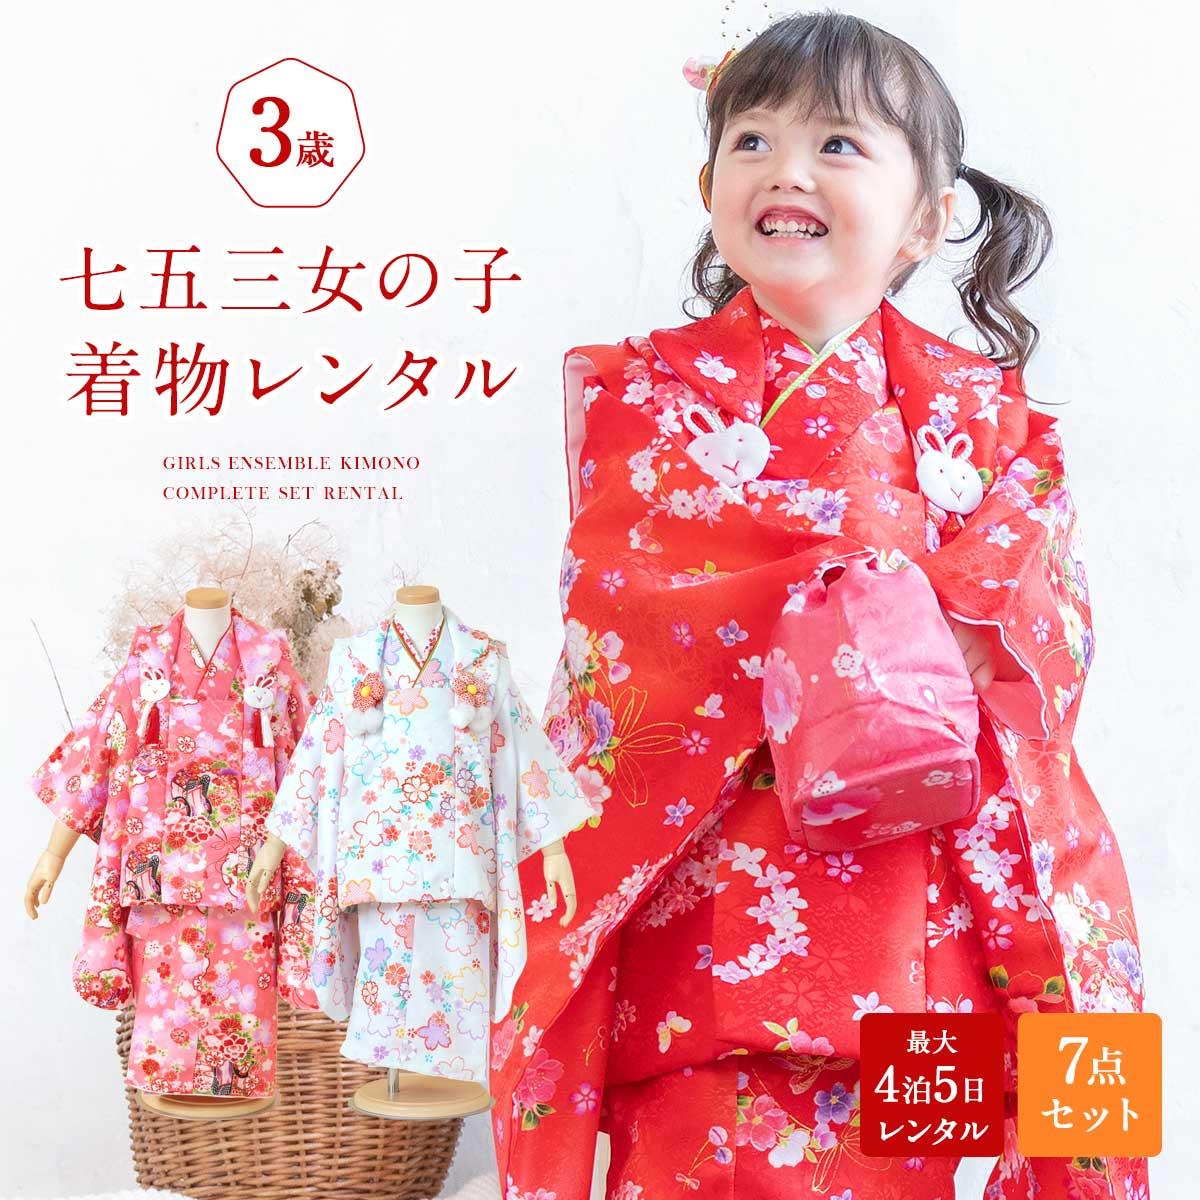 【レンタル】七五三 着物 3歳 レンタル フルセット 女の子 被布 赤 ピンク 白 色で選ぶ 被布着 きもの 着物セット 被布セット 和服 和装 女児 子供 往復送料無料